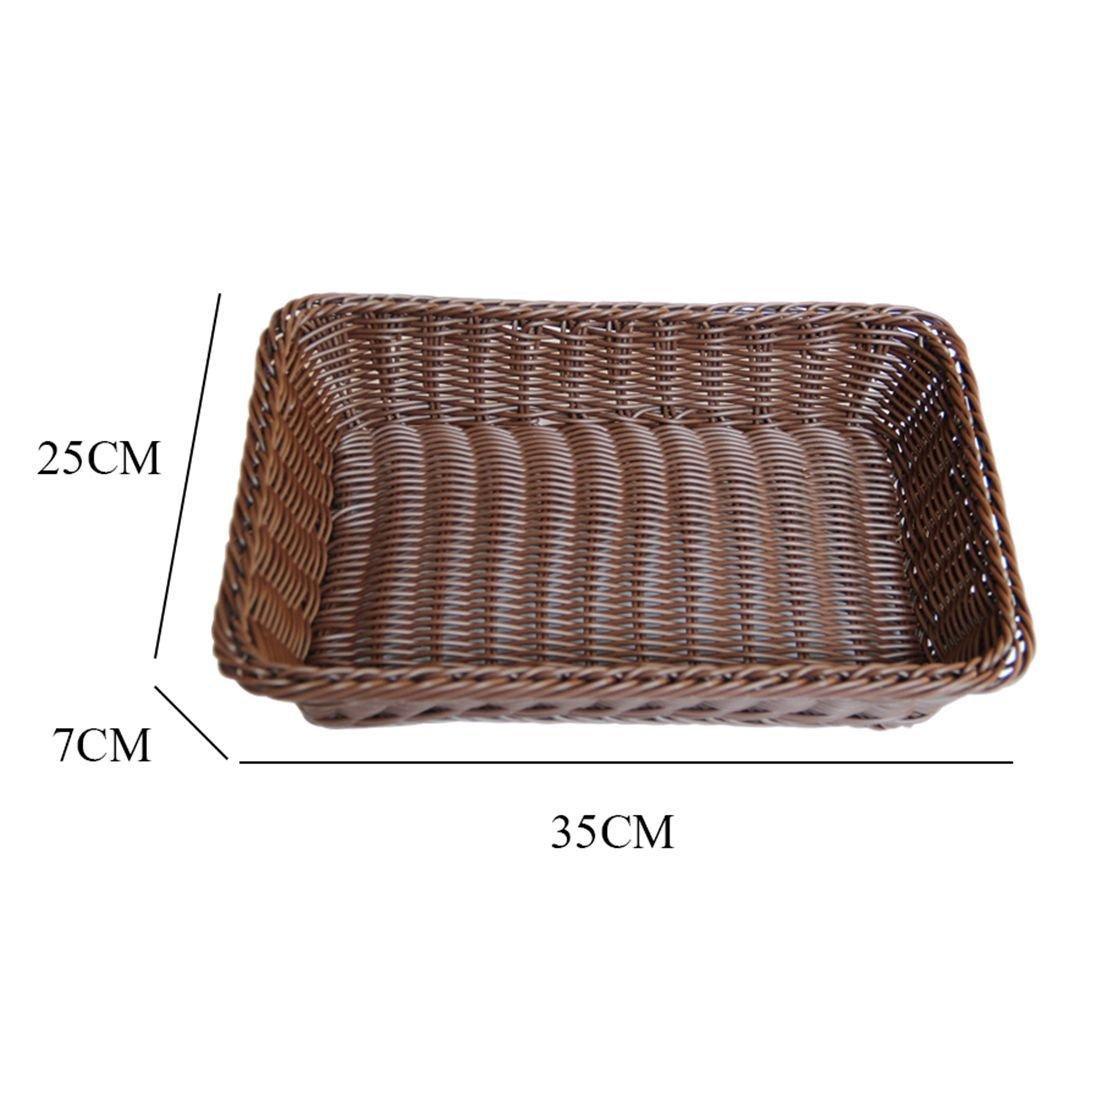 Seroda Cocina Para Cepillo de Esponja Lavar la Esponja de Tela Platos de Esponja Esponja Para Fregar